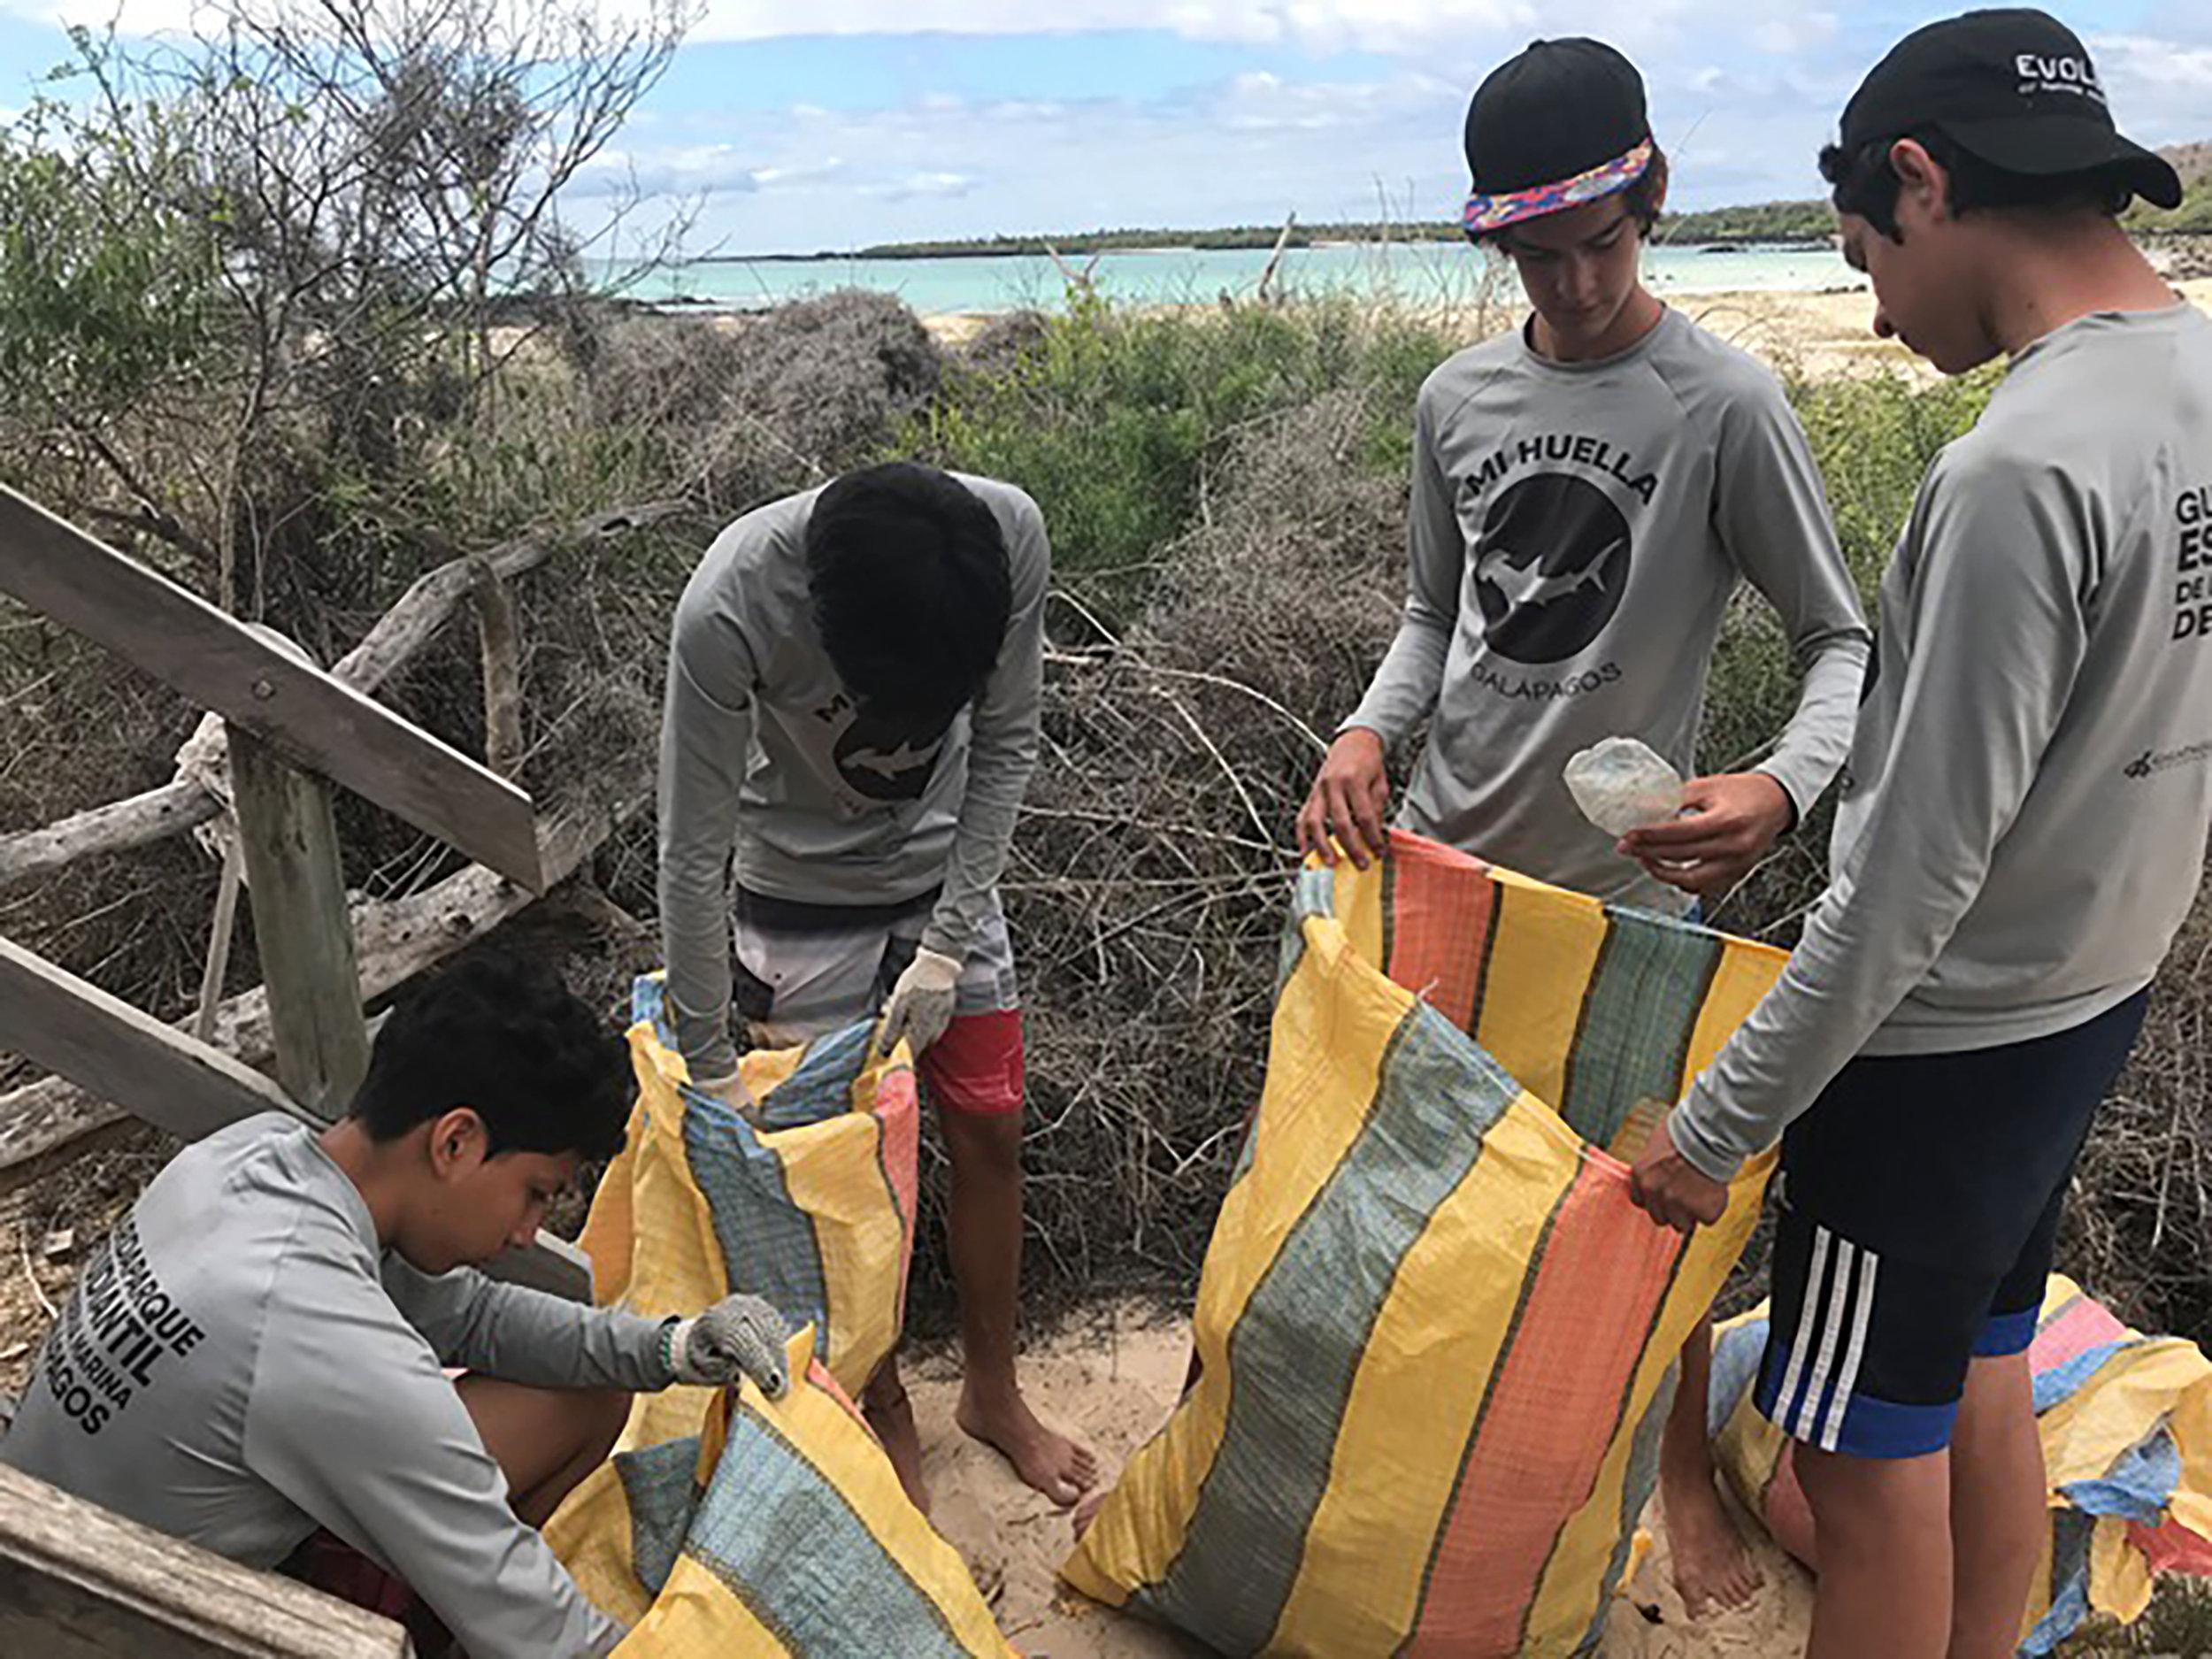 Figura 3 . Niños locales categorizando basura para su análisis después de un día de limpieza costera. Foto: Dirección del Parque Nacional Galápagos